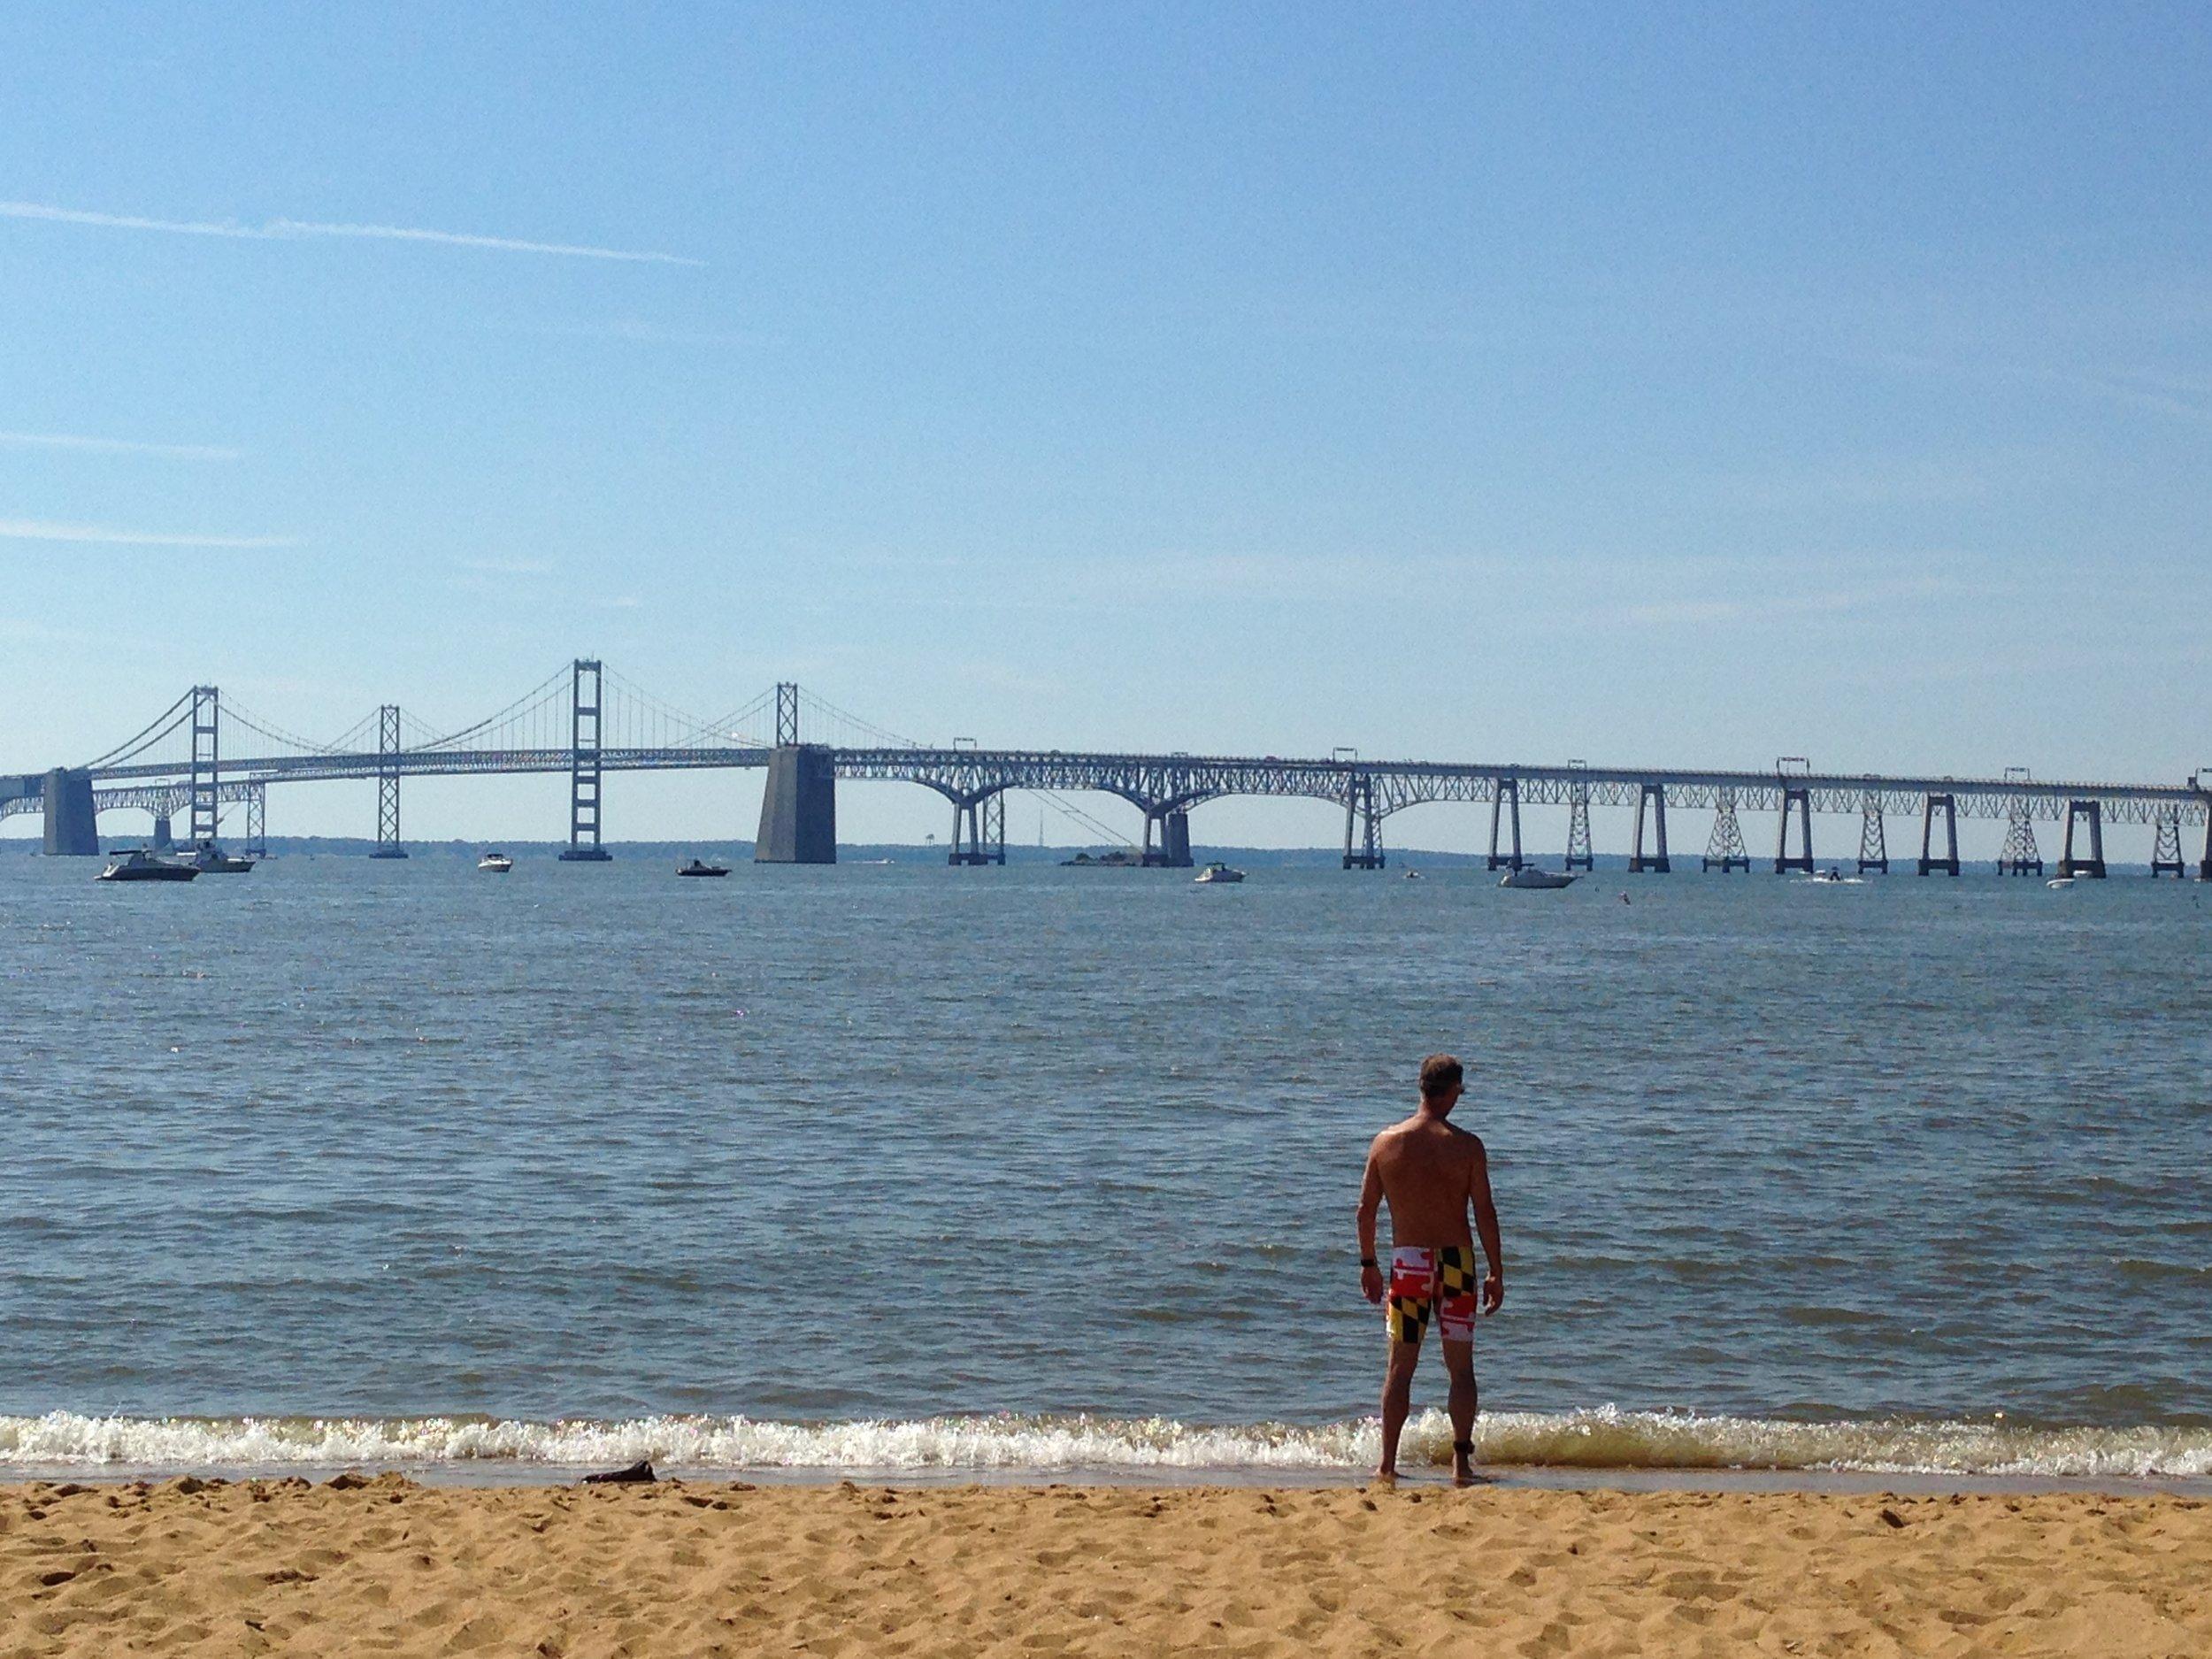 Chesapeake Bay Swim. 2010-2019